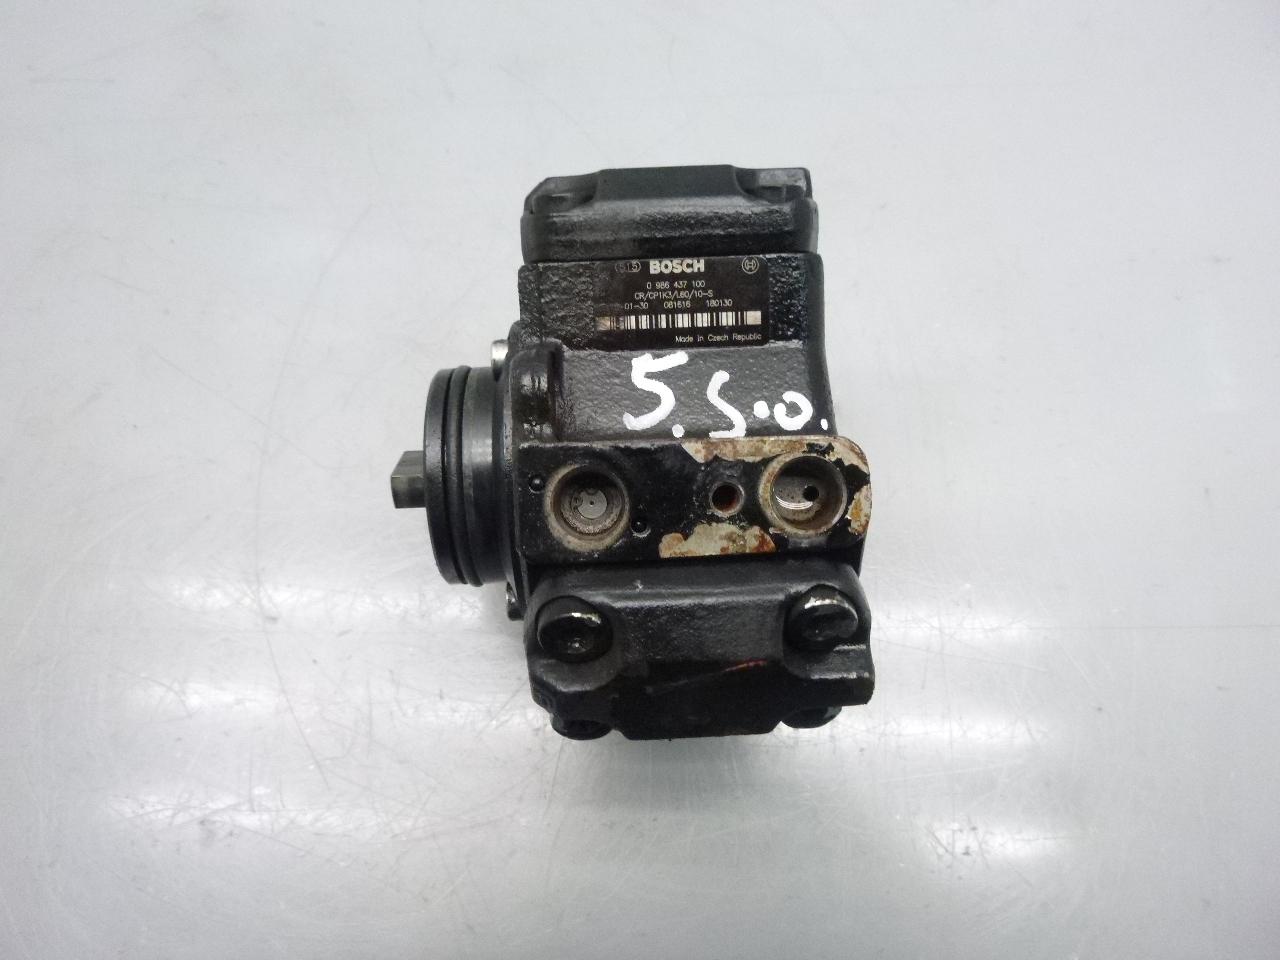 Hochdruckpumpe Mercedes Benz Sprinter 901 902 903 904 2,2 CDI 611.981 0986437100